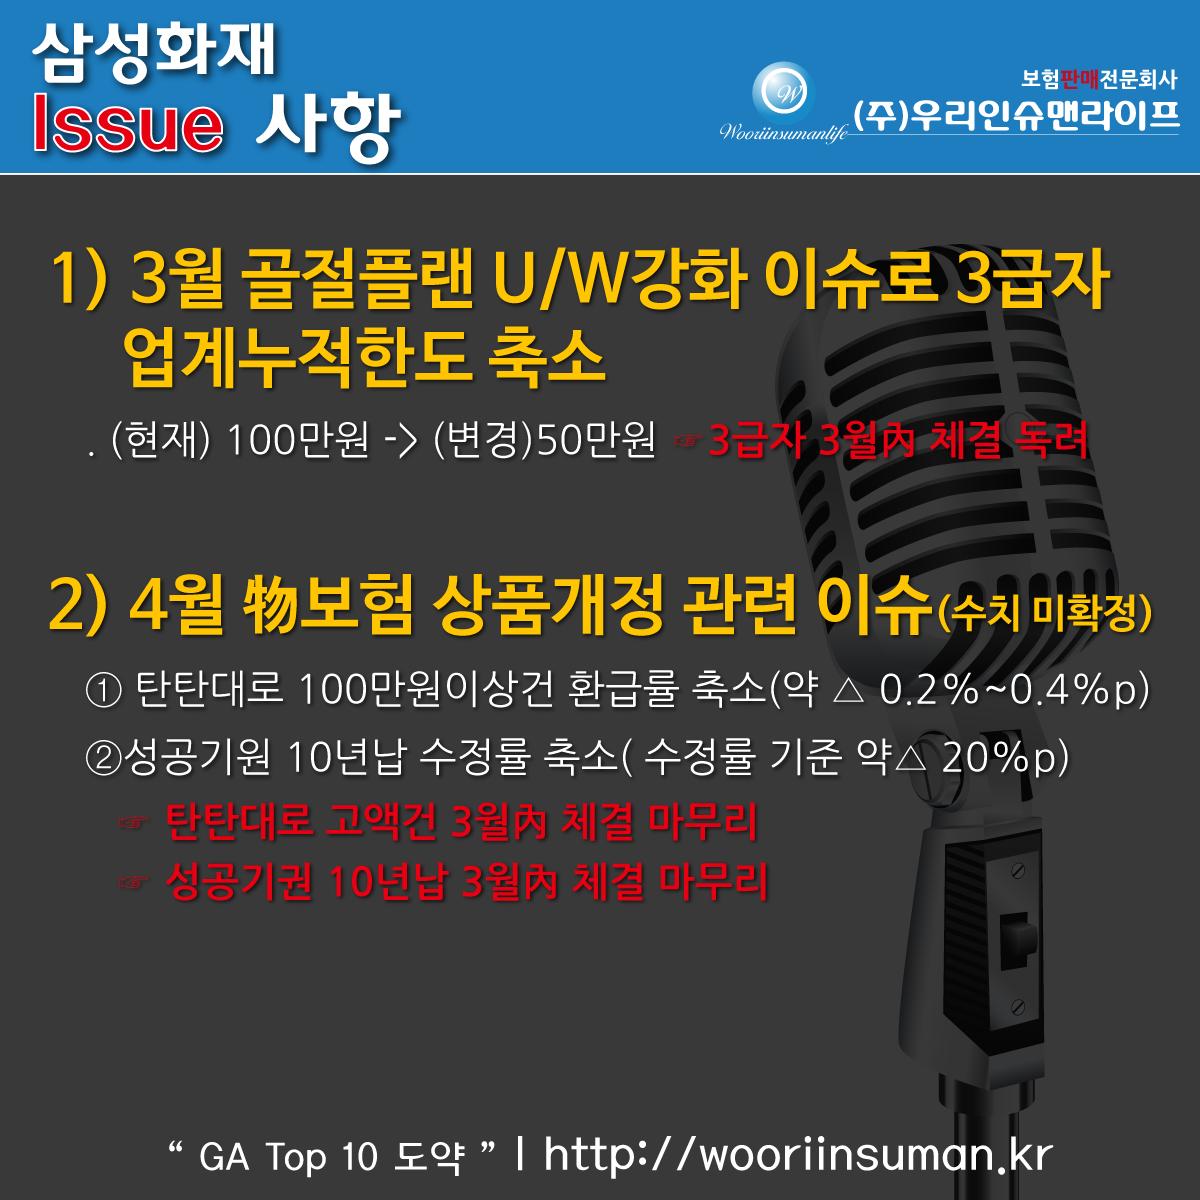 [★필독!]이달의 이슈-삼성화재